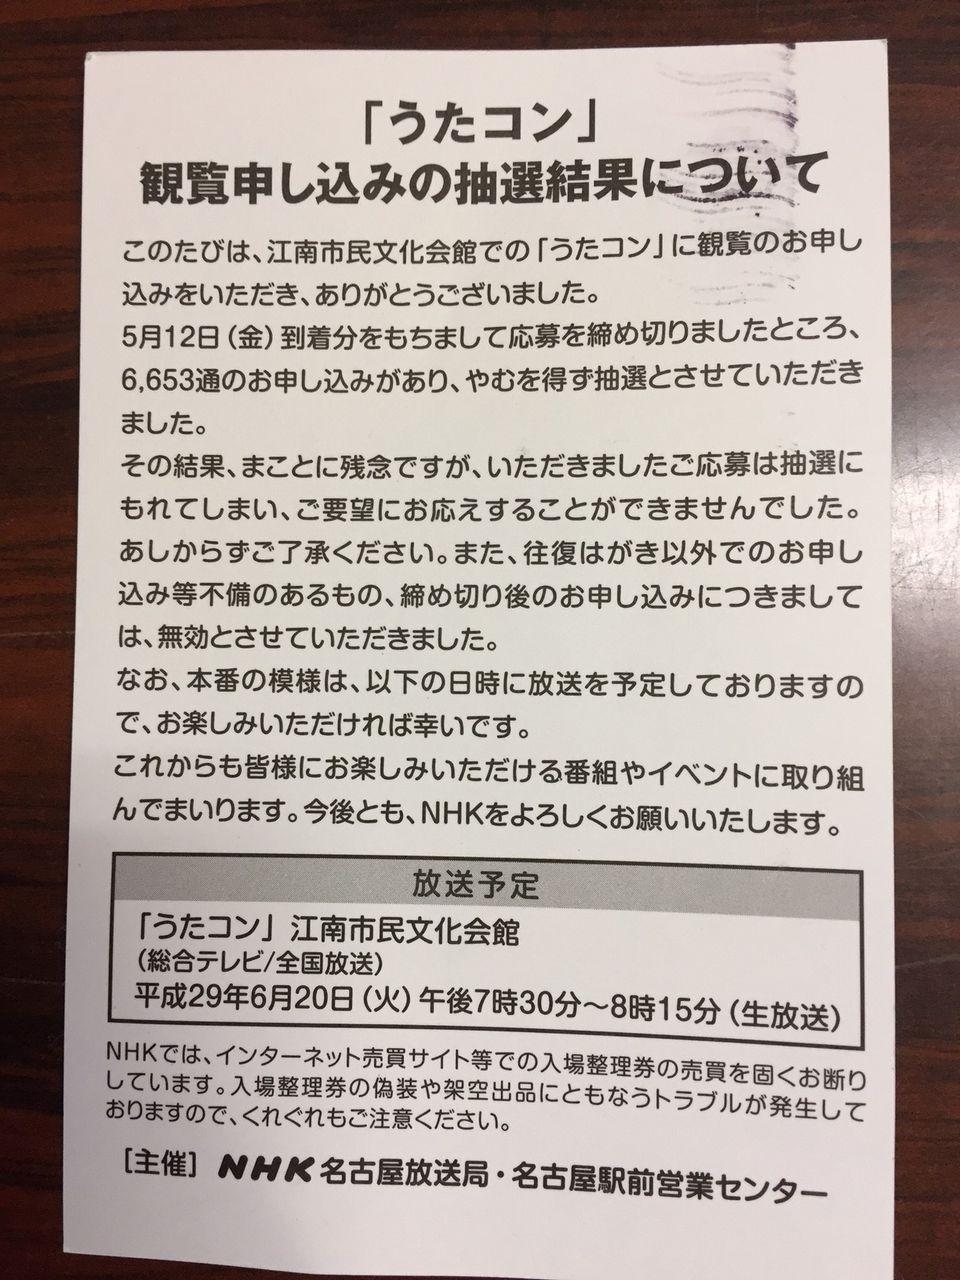 しえなん、NHK「うたコン」観覧申込抽選に外れる